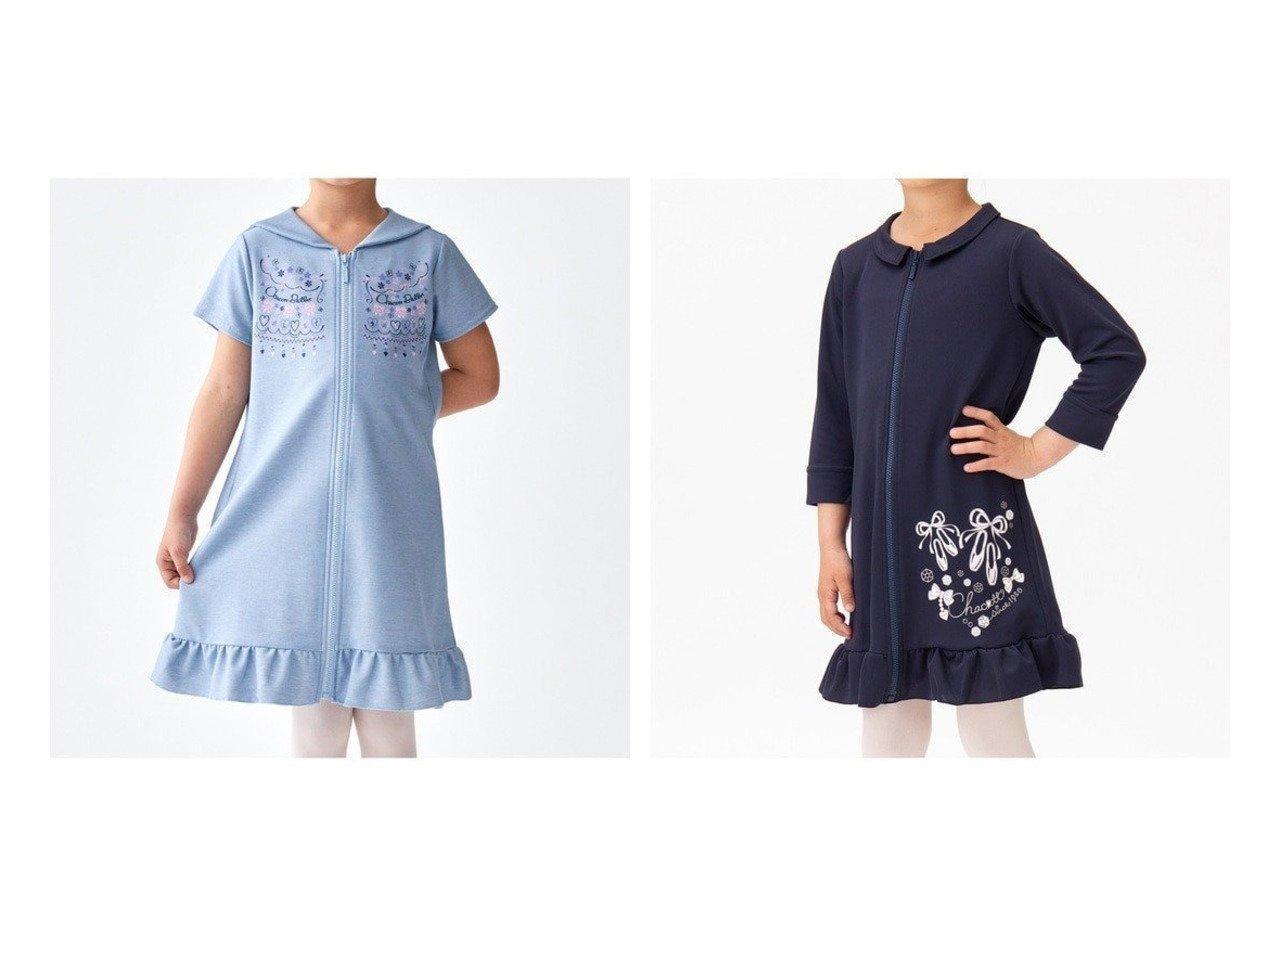 【Chacott / KIDS/チャコット】の【一部再入荷】ジップアップワンピース&【再入荷】ジップアップワンピース 【KIDS】子供服のおすすめ!人気トレンド・キッズファッションの通販 おすすめで人気の流行・トレンド、ファッションの通販商品 メンズファッション・キッズファッション・インテリア・家具・レディースファッション・服の通販 founy(ファニー) https://founy.com/ ファッション Fashion キッズファッション KIDS ワンピース Dress Kids フリル プリント 再入荷 Restock/Back in Stock/Re Arrival コンパクト 吸水 |ID:crp329100000015244